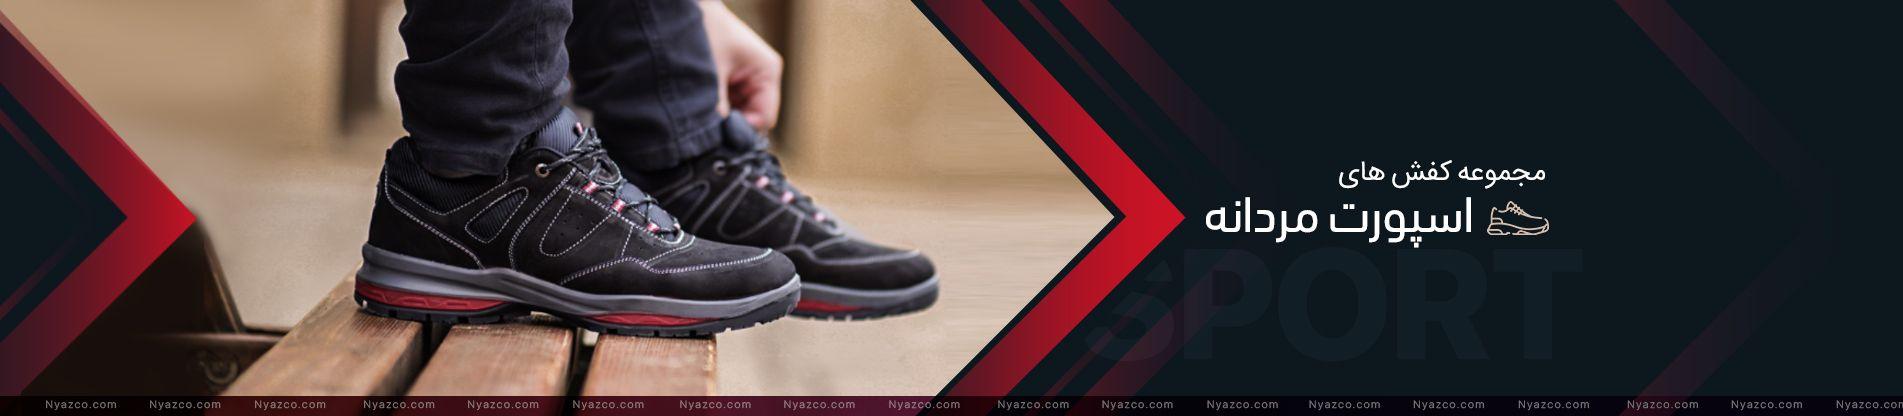 اسلایدر مجموعه کفش اسپرت مردانه